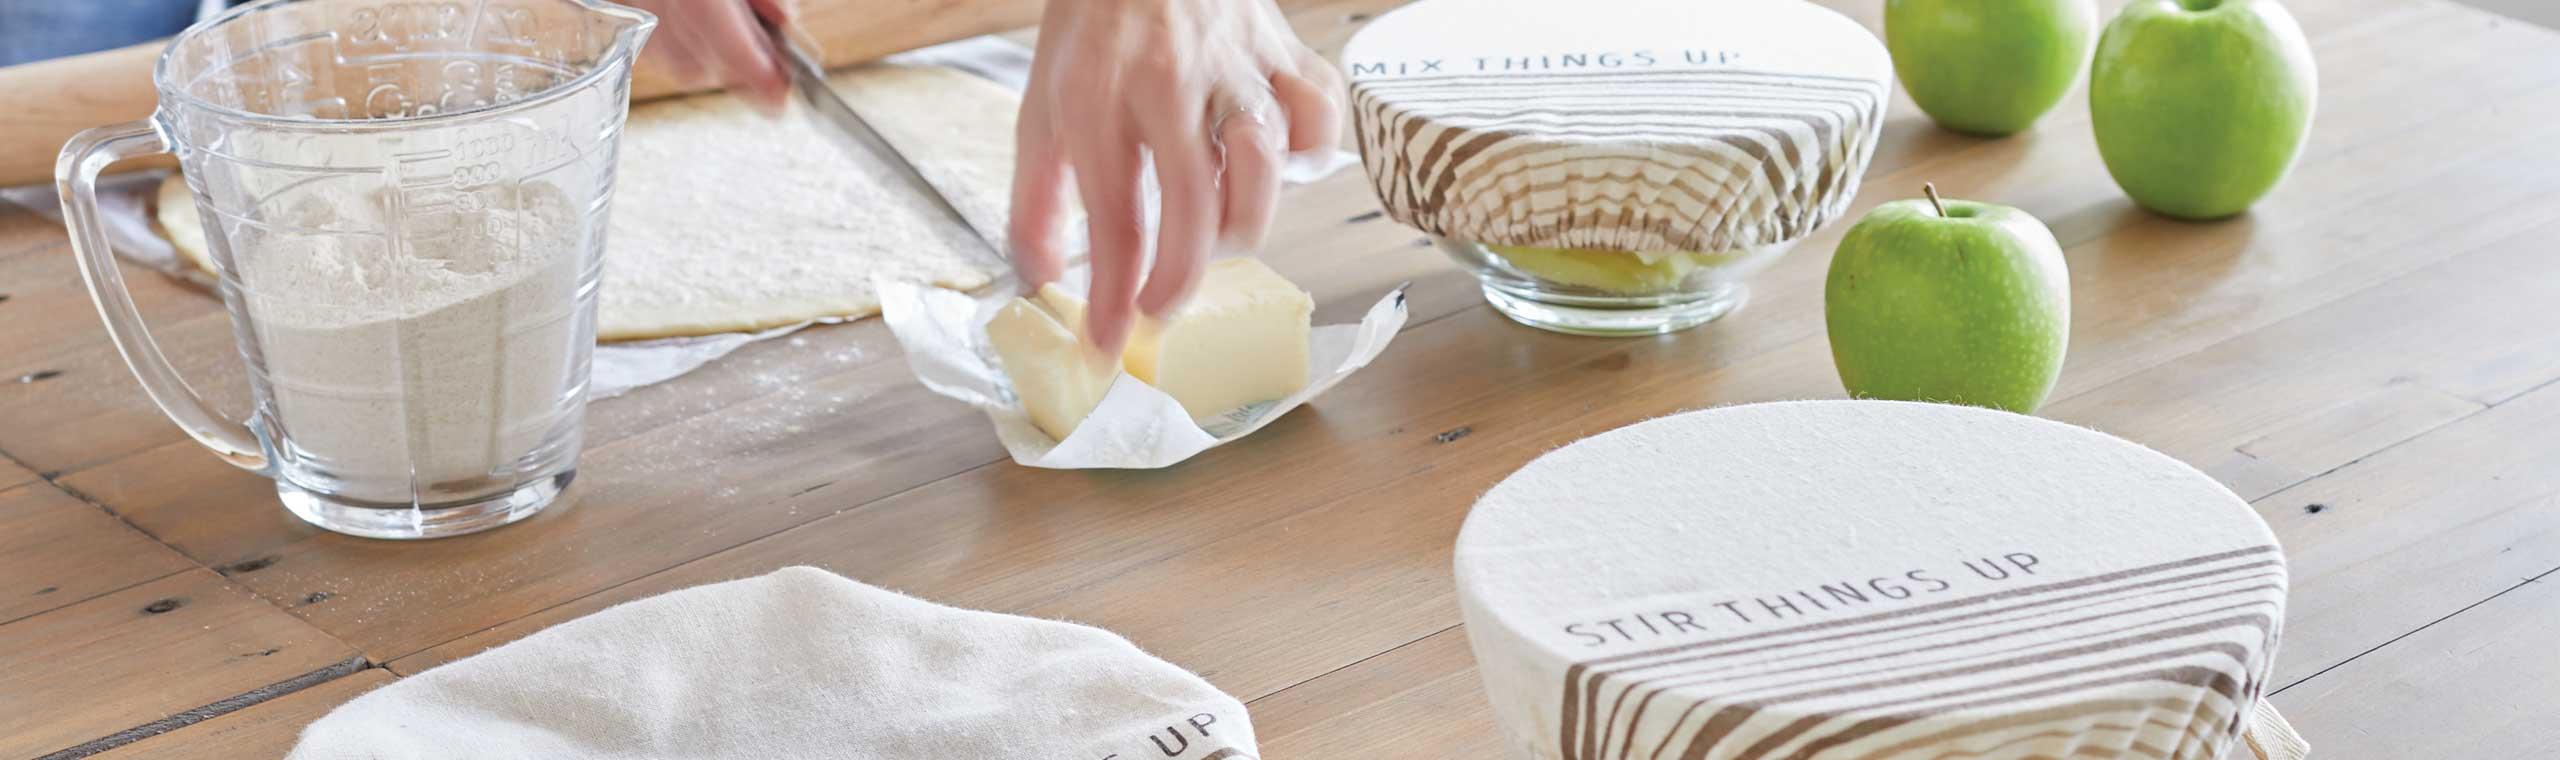 a women preparing baked goods